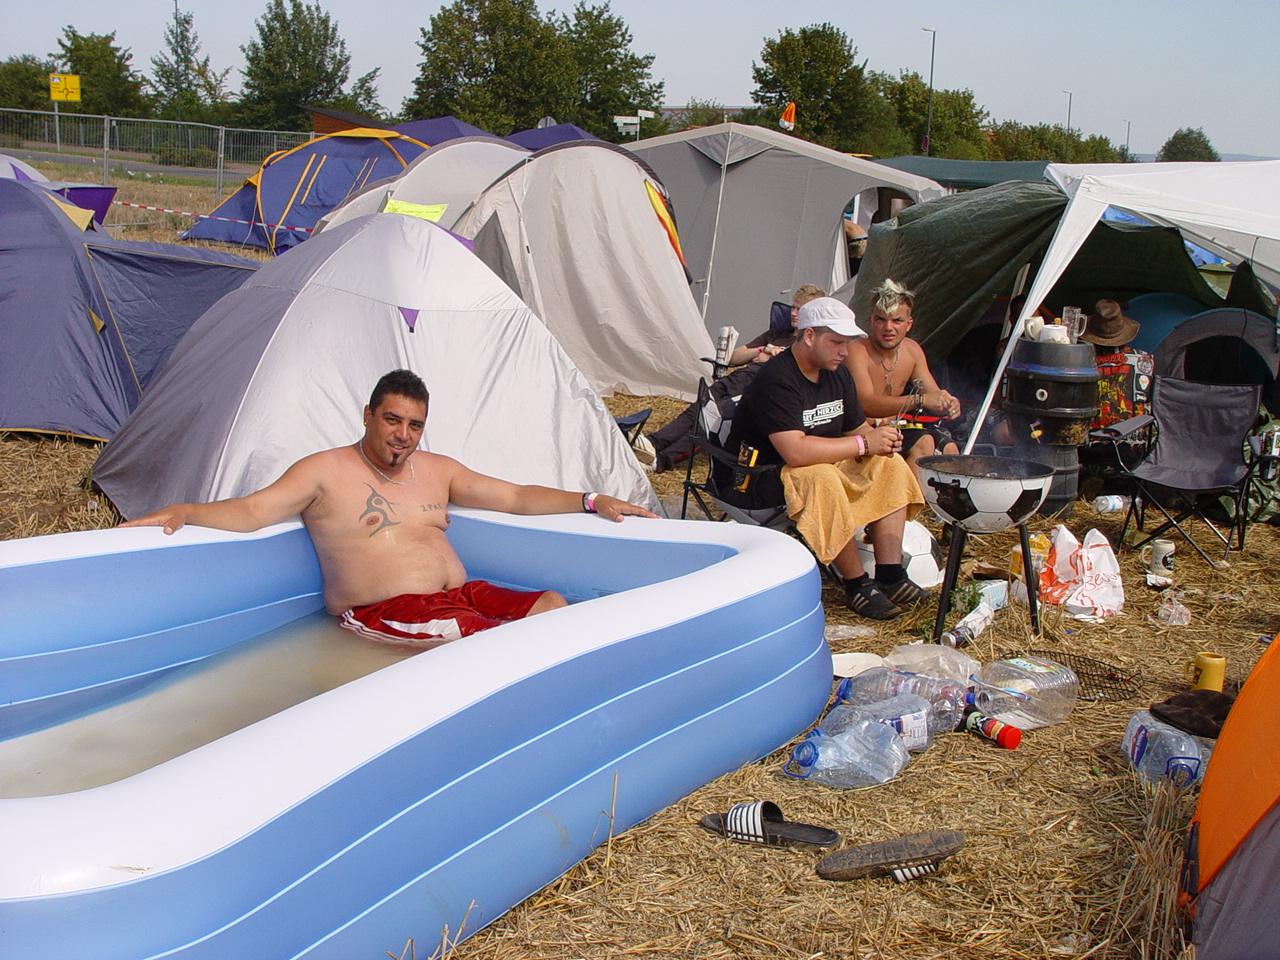 impressionen_-_ehrlich_und_laut_festival_2011_1_20110906_1759521006